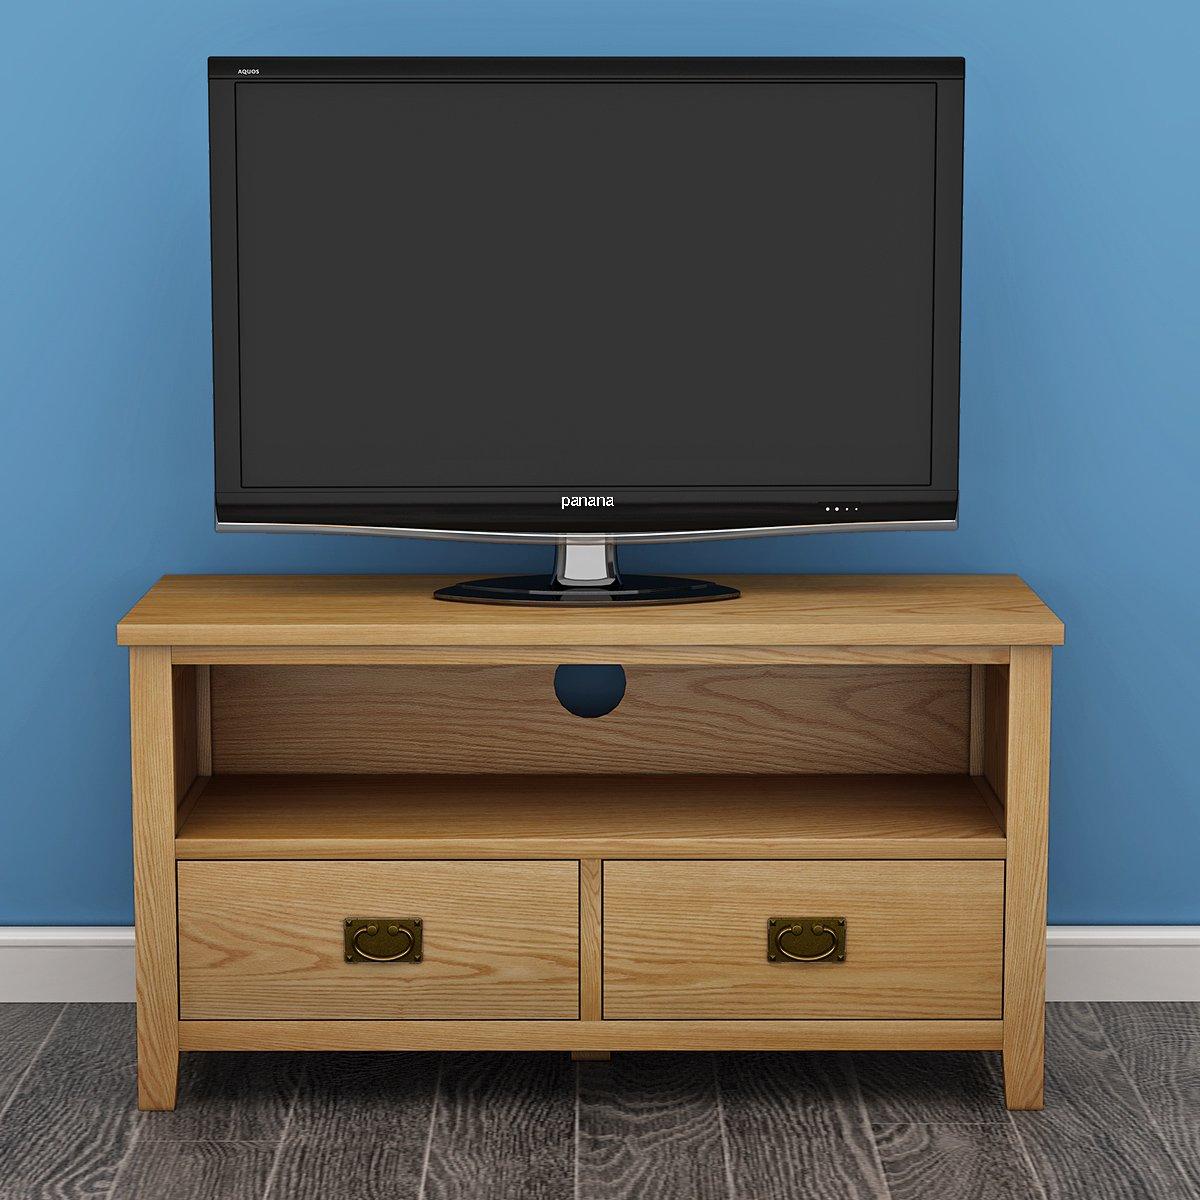 Keinode Mueble de TV Moderno de Roble Macizo con 2 cajones, 1 Estante, Mueble de Almacenamiento para Sala de Estar o Dormitorio Type C (Antique Ring Handle): Amazon.es: Electrónica